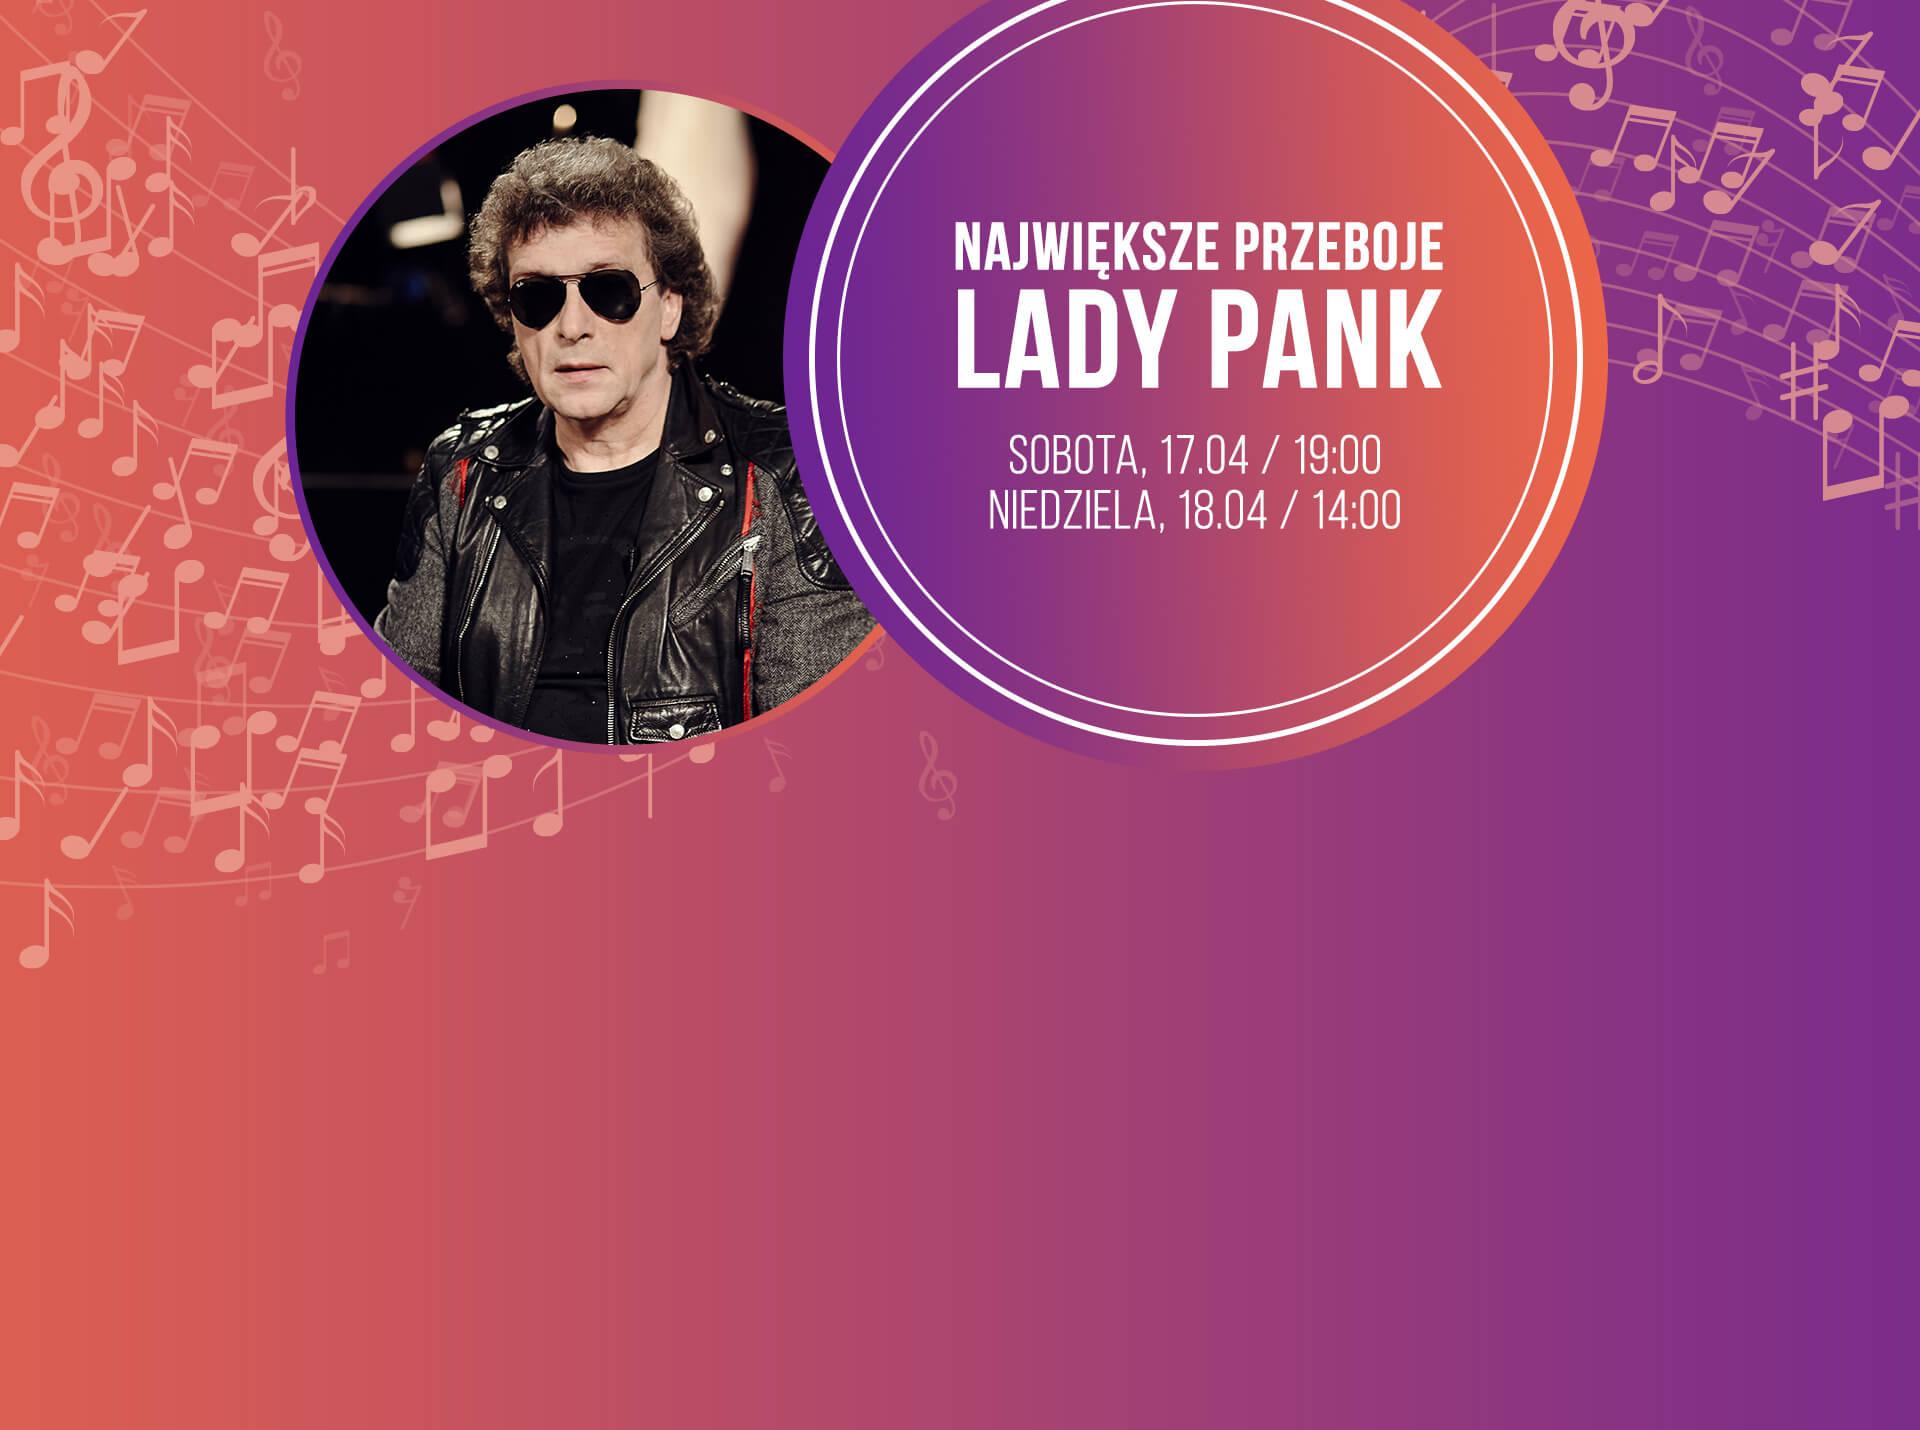 Największe Przeboje Lady Pank